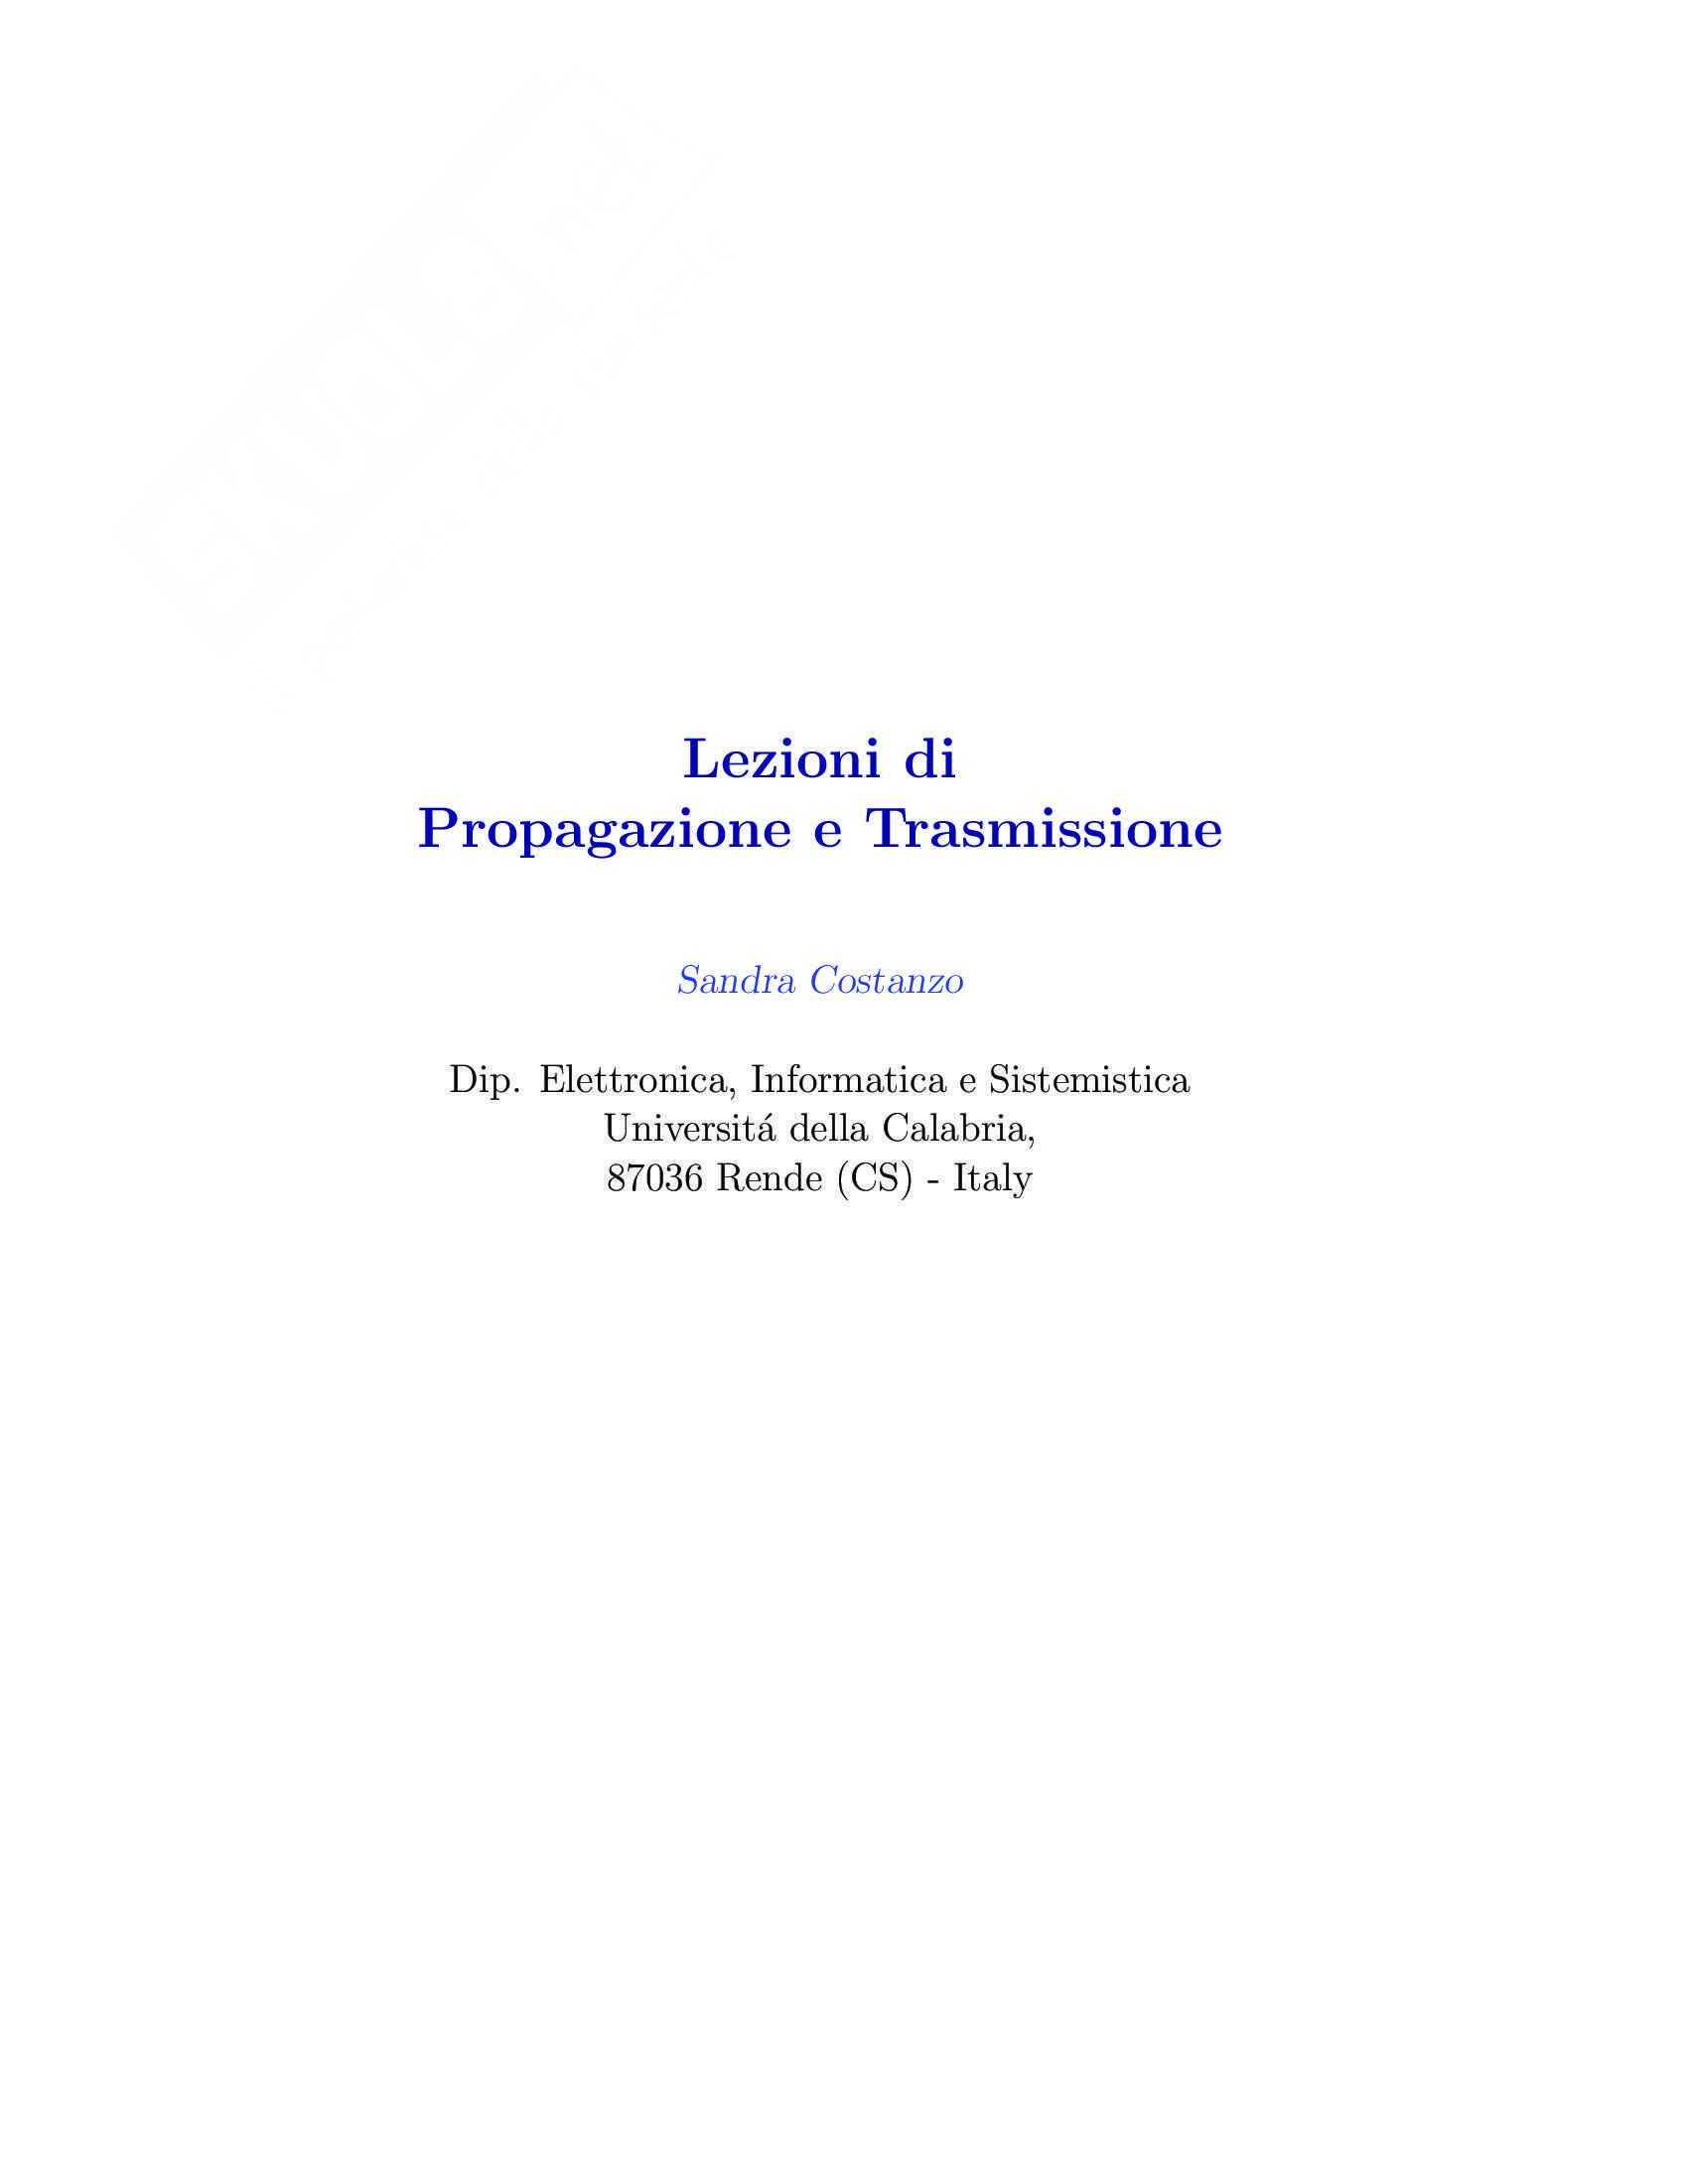 Propagazione e trasmissione